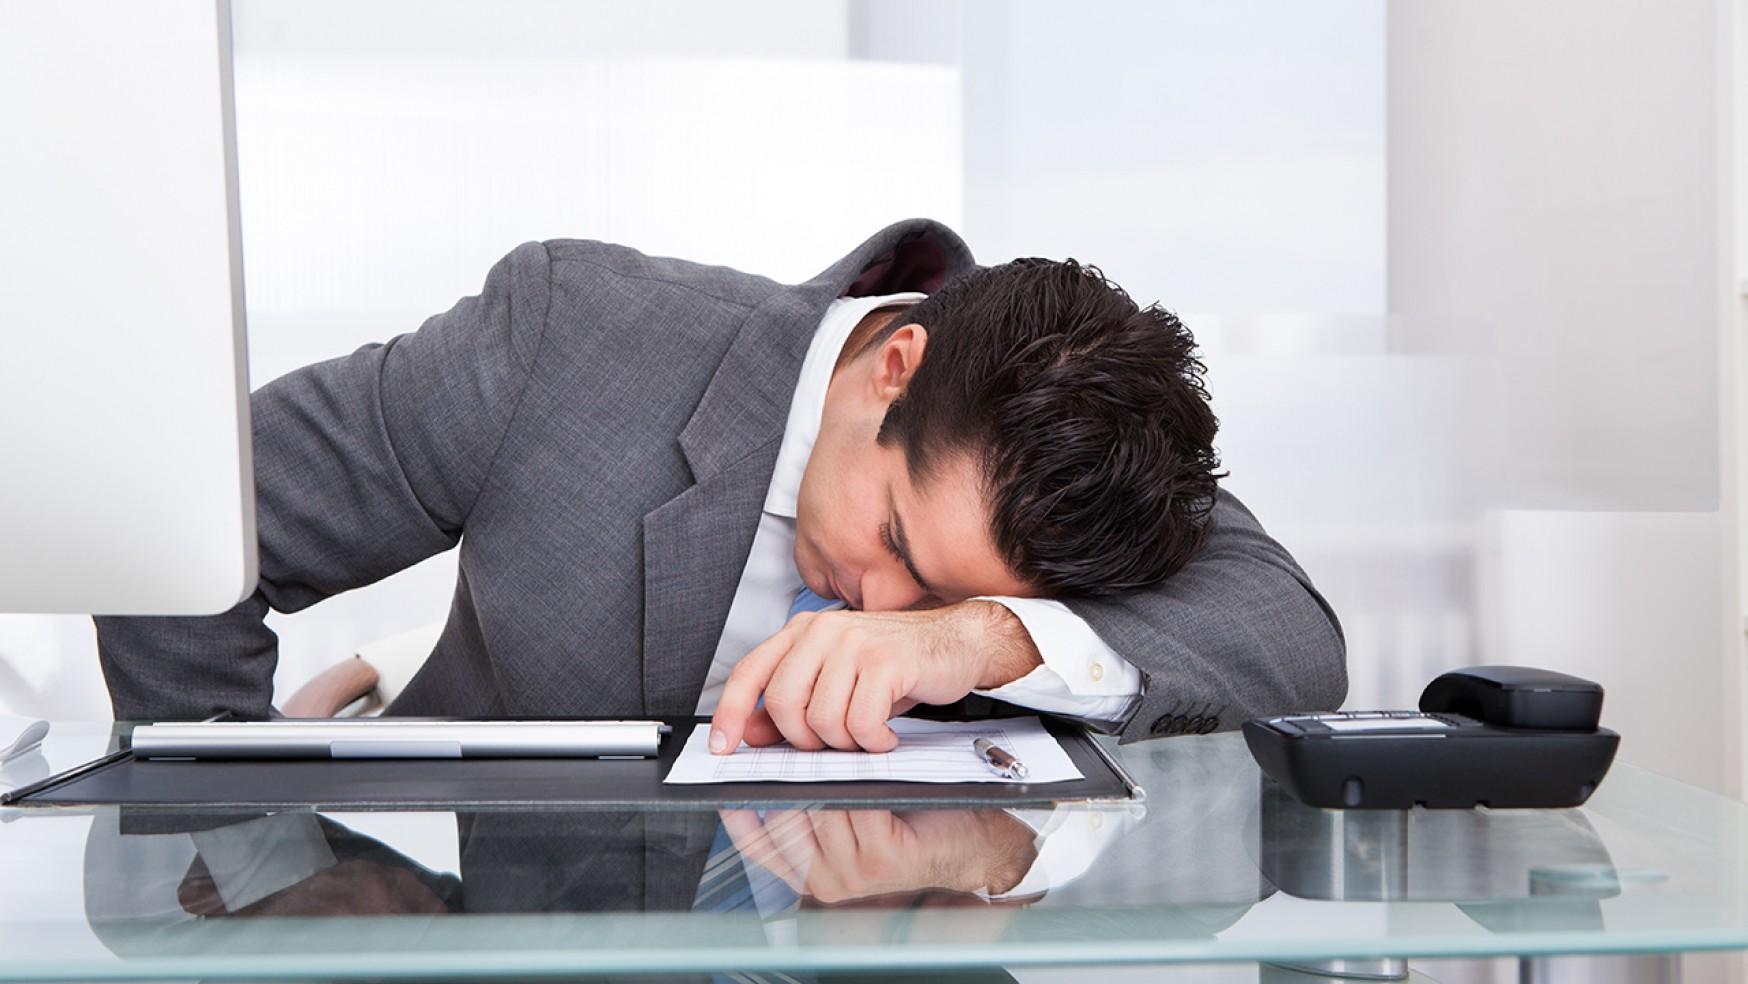 Trabajar de noche aumenta riesgo de tener Diabetes